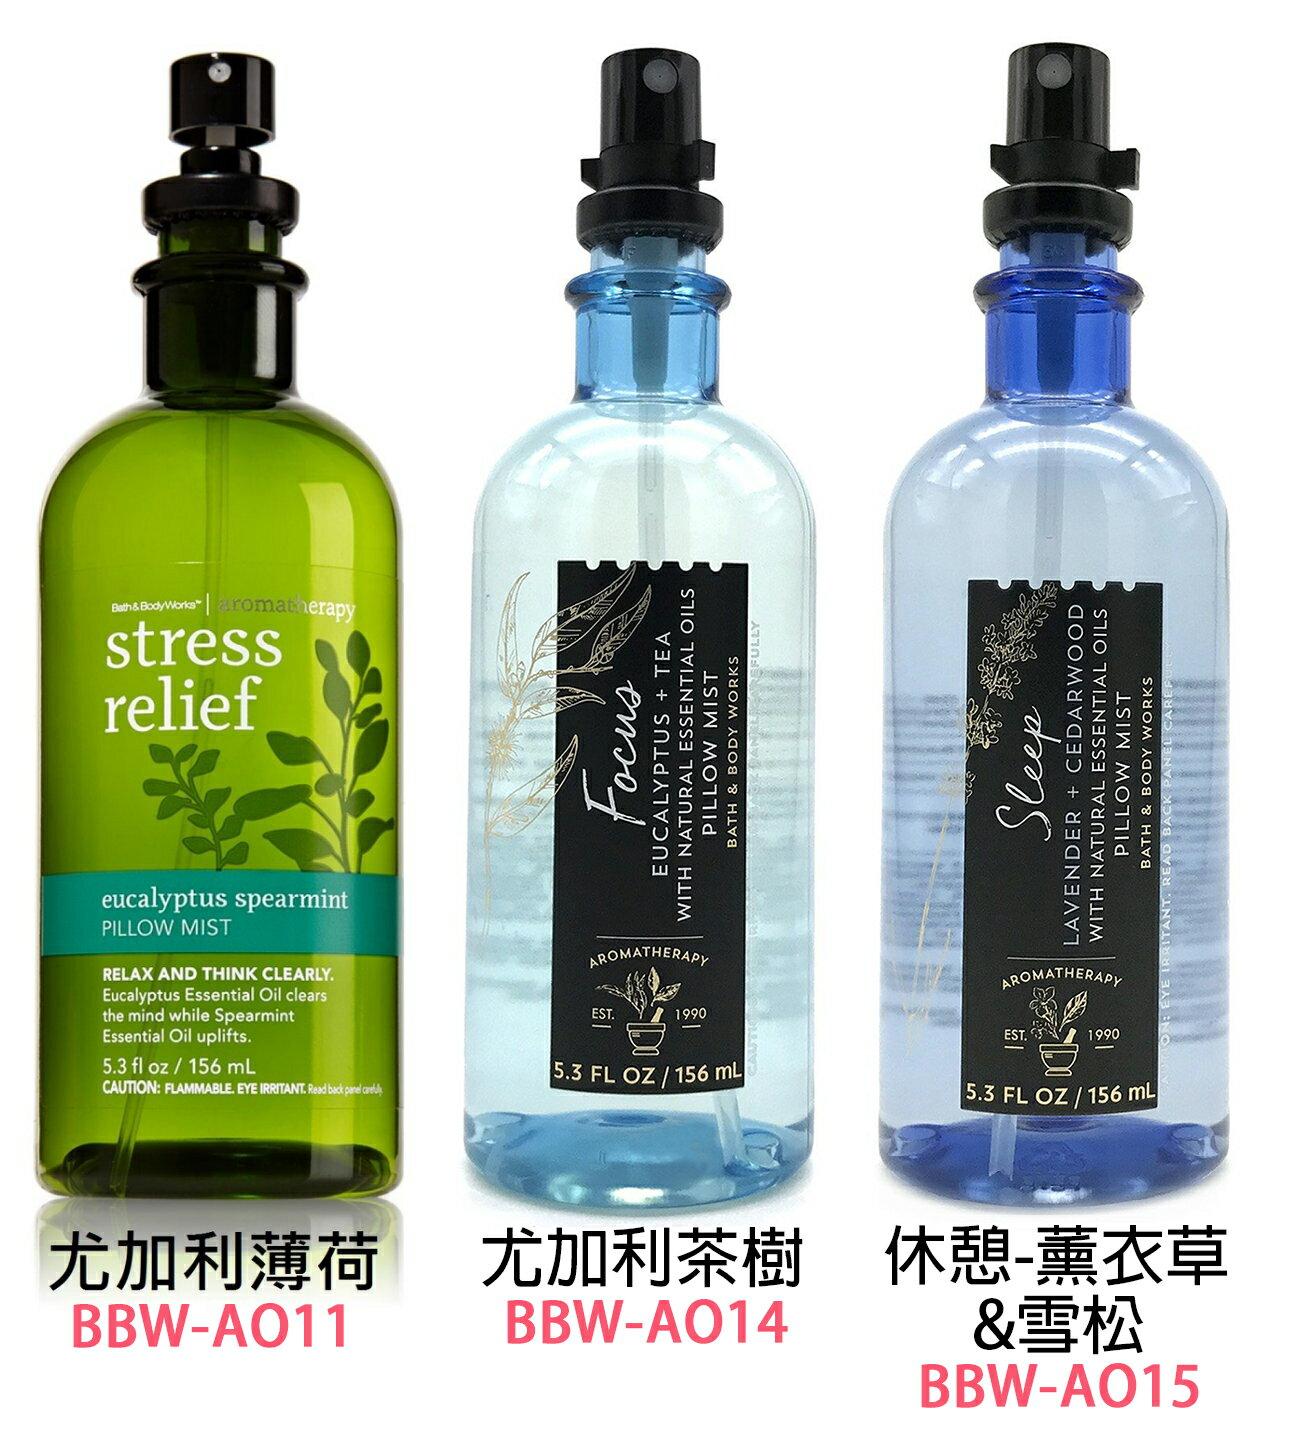 【彤彤小舖】Bath&Body Works Aromatherapy 芳療精油枕頭噴霧 156ml BBW美國原廠